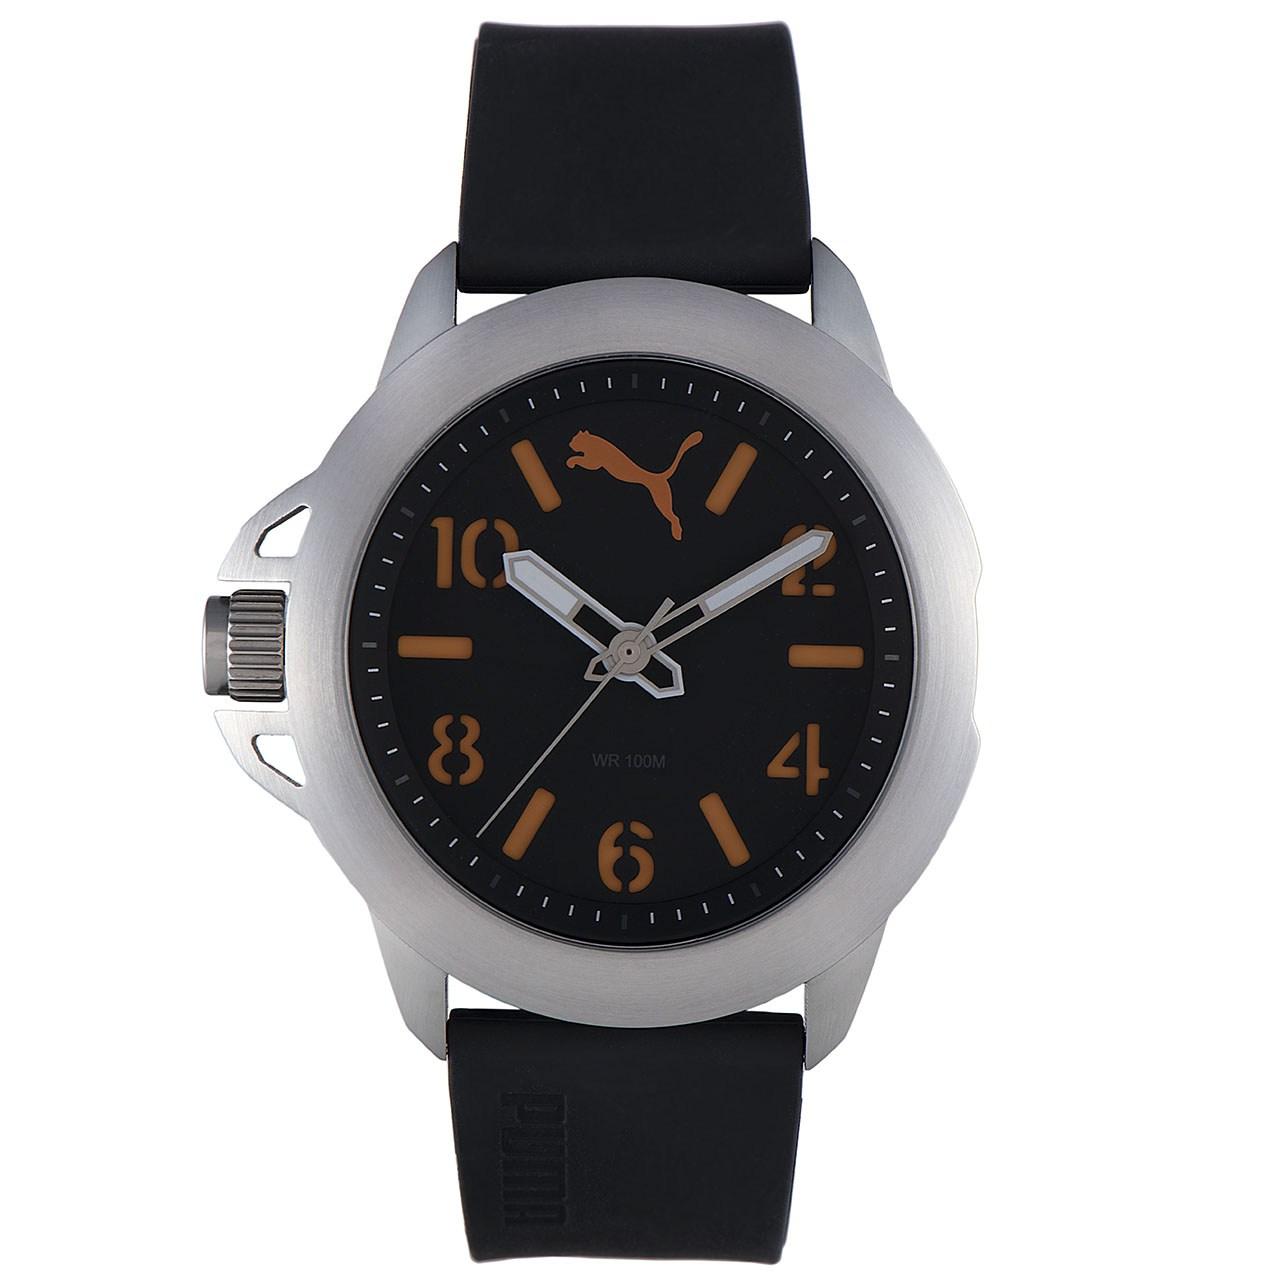 ساعت مچی عقربه ای مردانه پوما مدل PU104181002 55